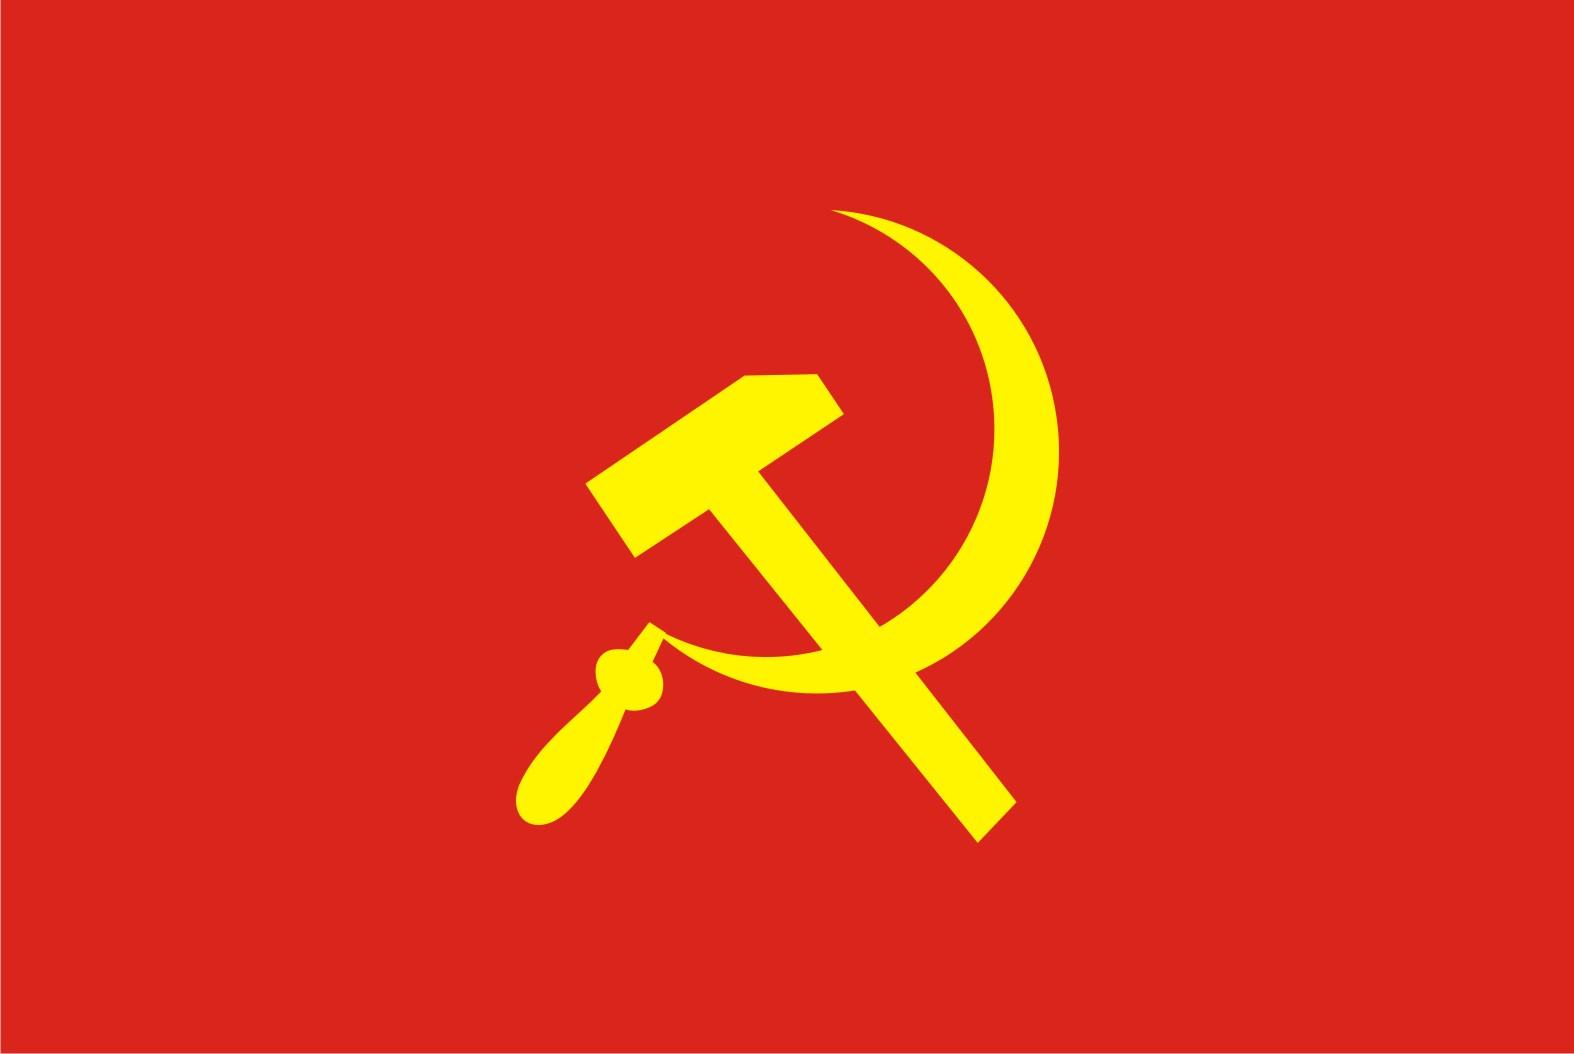 langit 9 arti lambang komunis